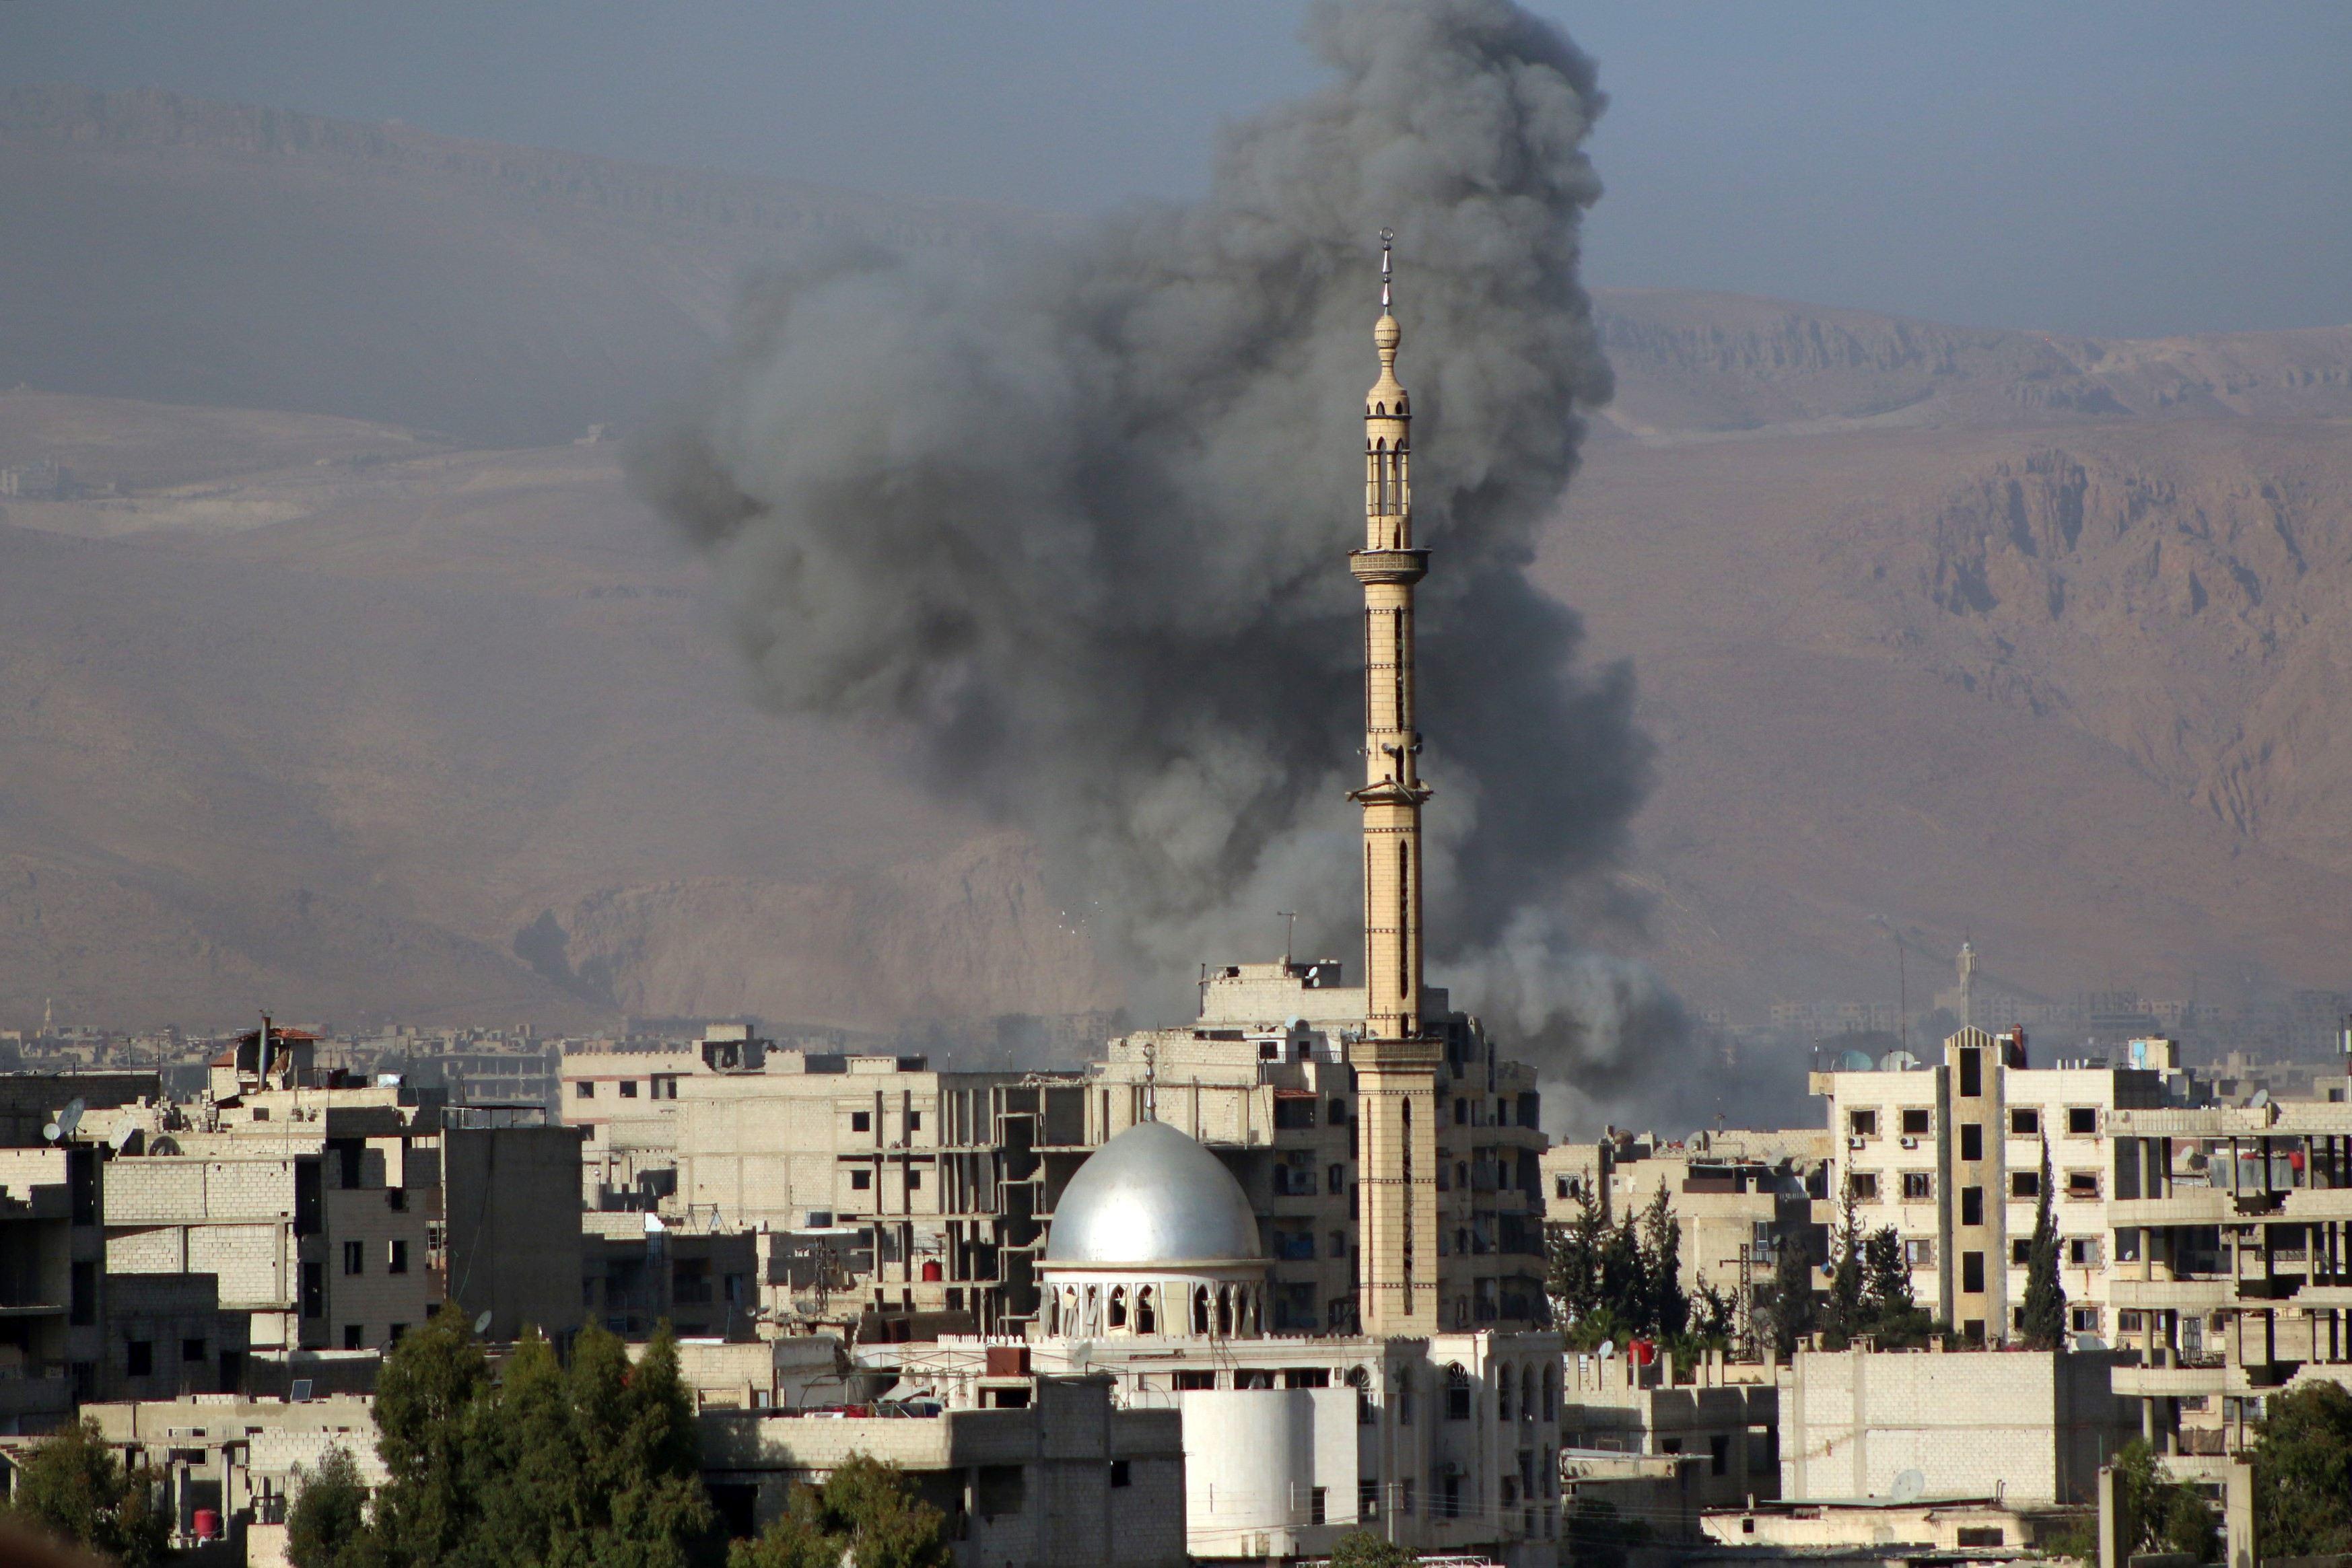 Şeful Statului Major al Armatei ruse: SUA folosesc o bază militară din Siria pentru a antrena foşti militanţi Stat Islamic